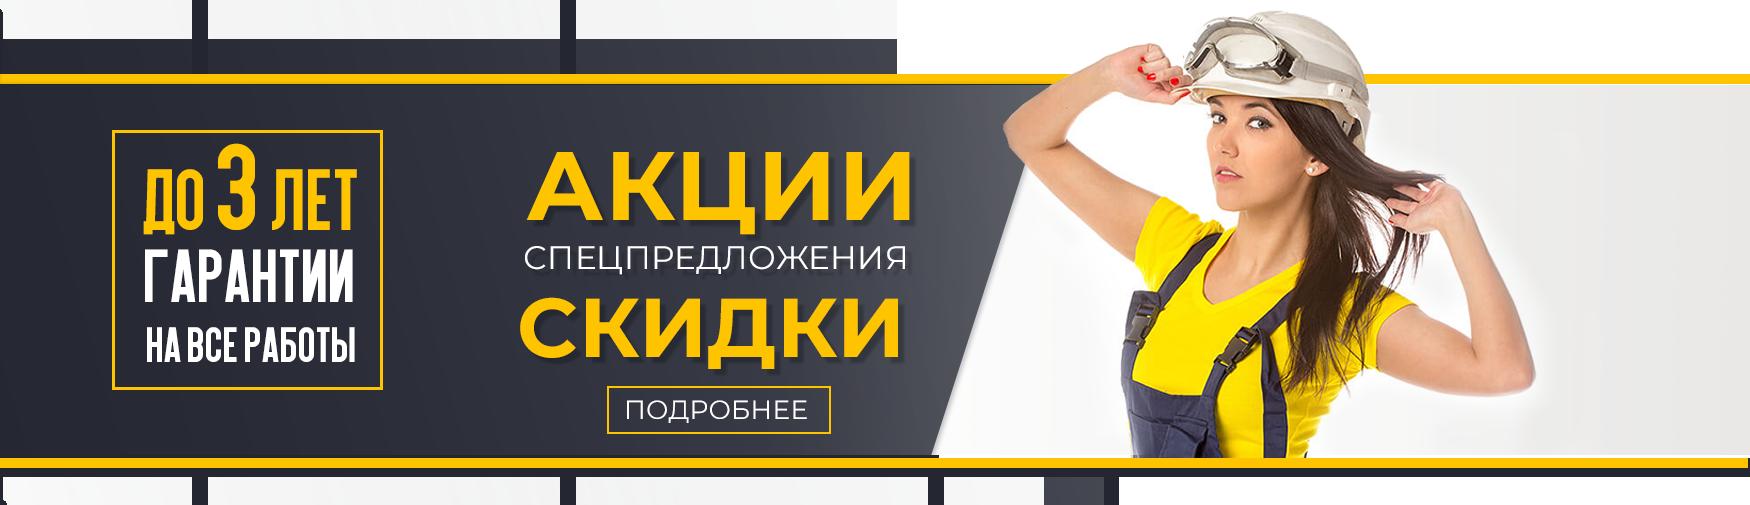 akcii_skidki22